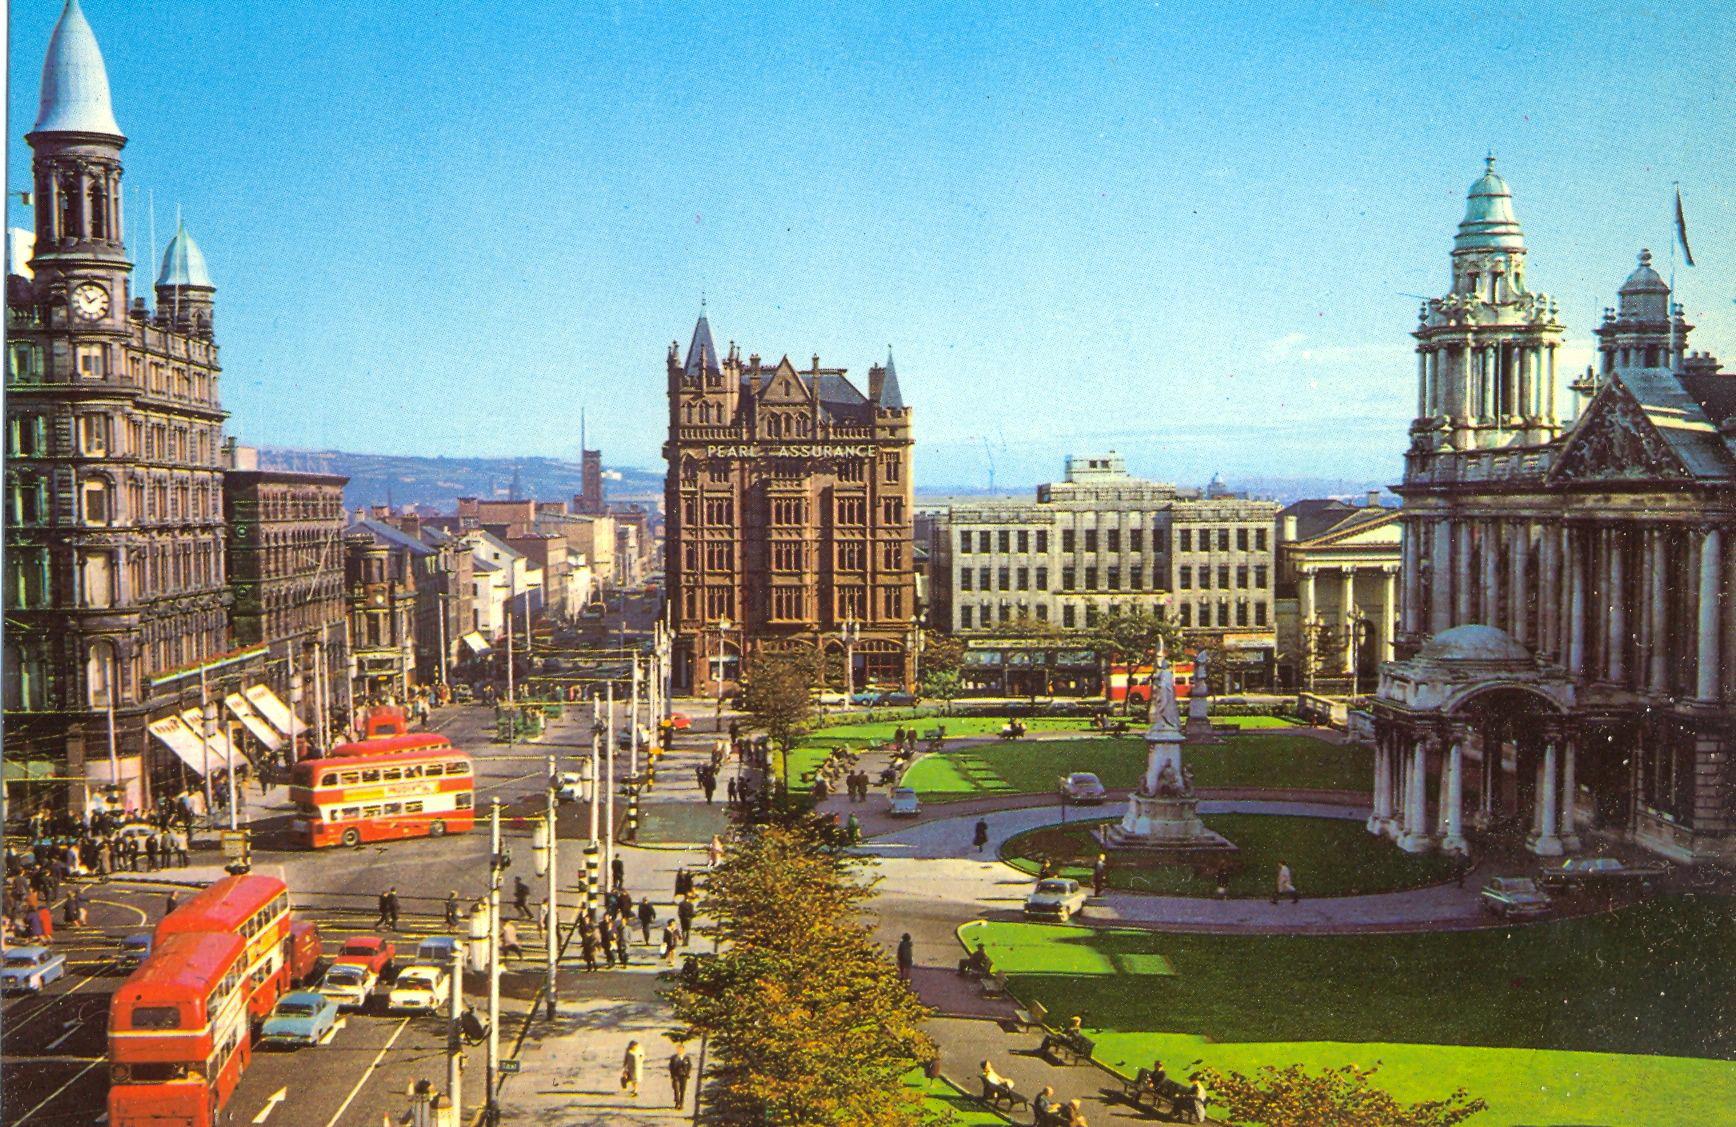 格拉斯哥(Glasgow)-贝尔法斯特(Belfast)